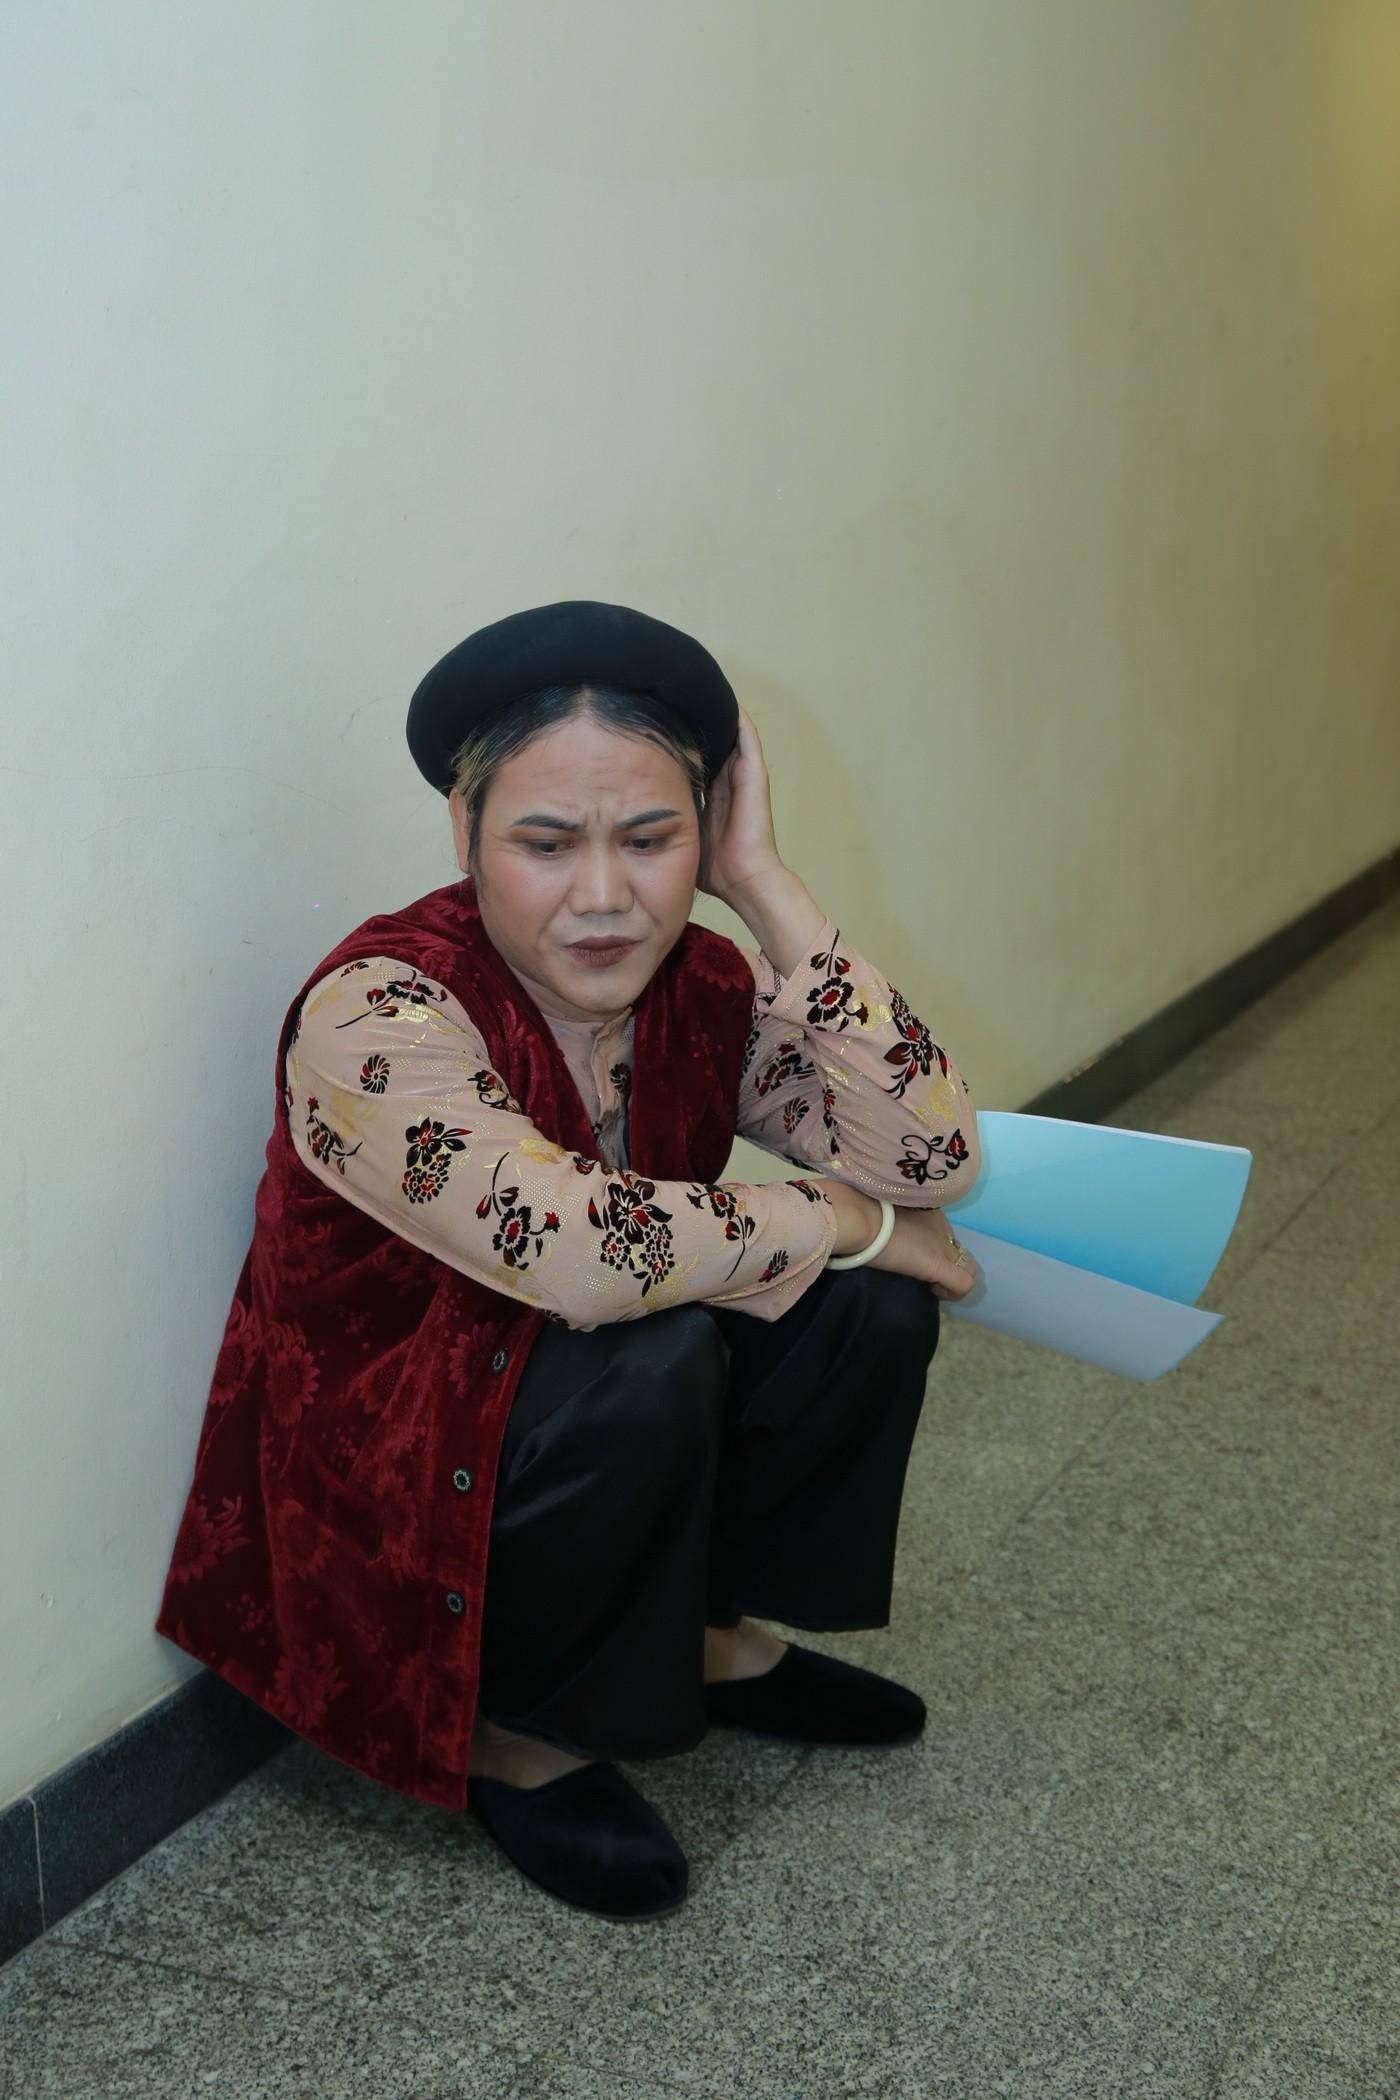 Lộ ảnh NSƯT Công Lý được bạn gái sửa trang phục trong hậu trường Tết vạn lộc 10